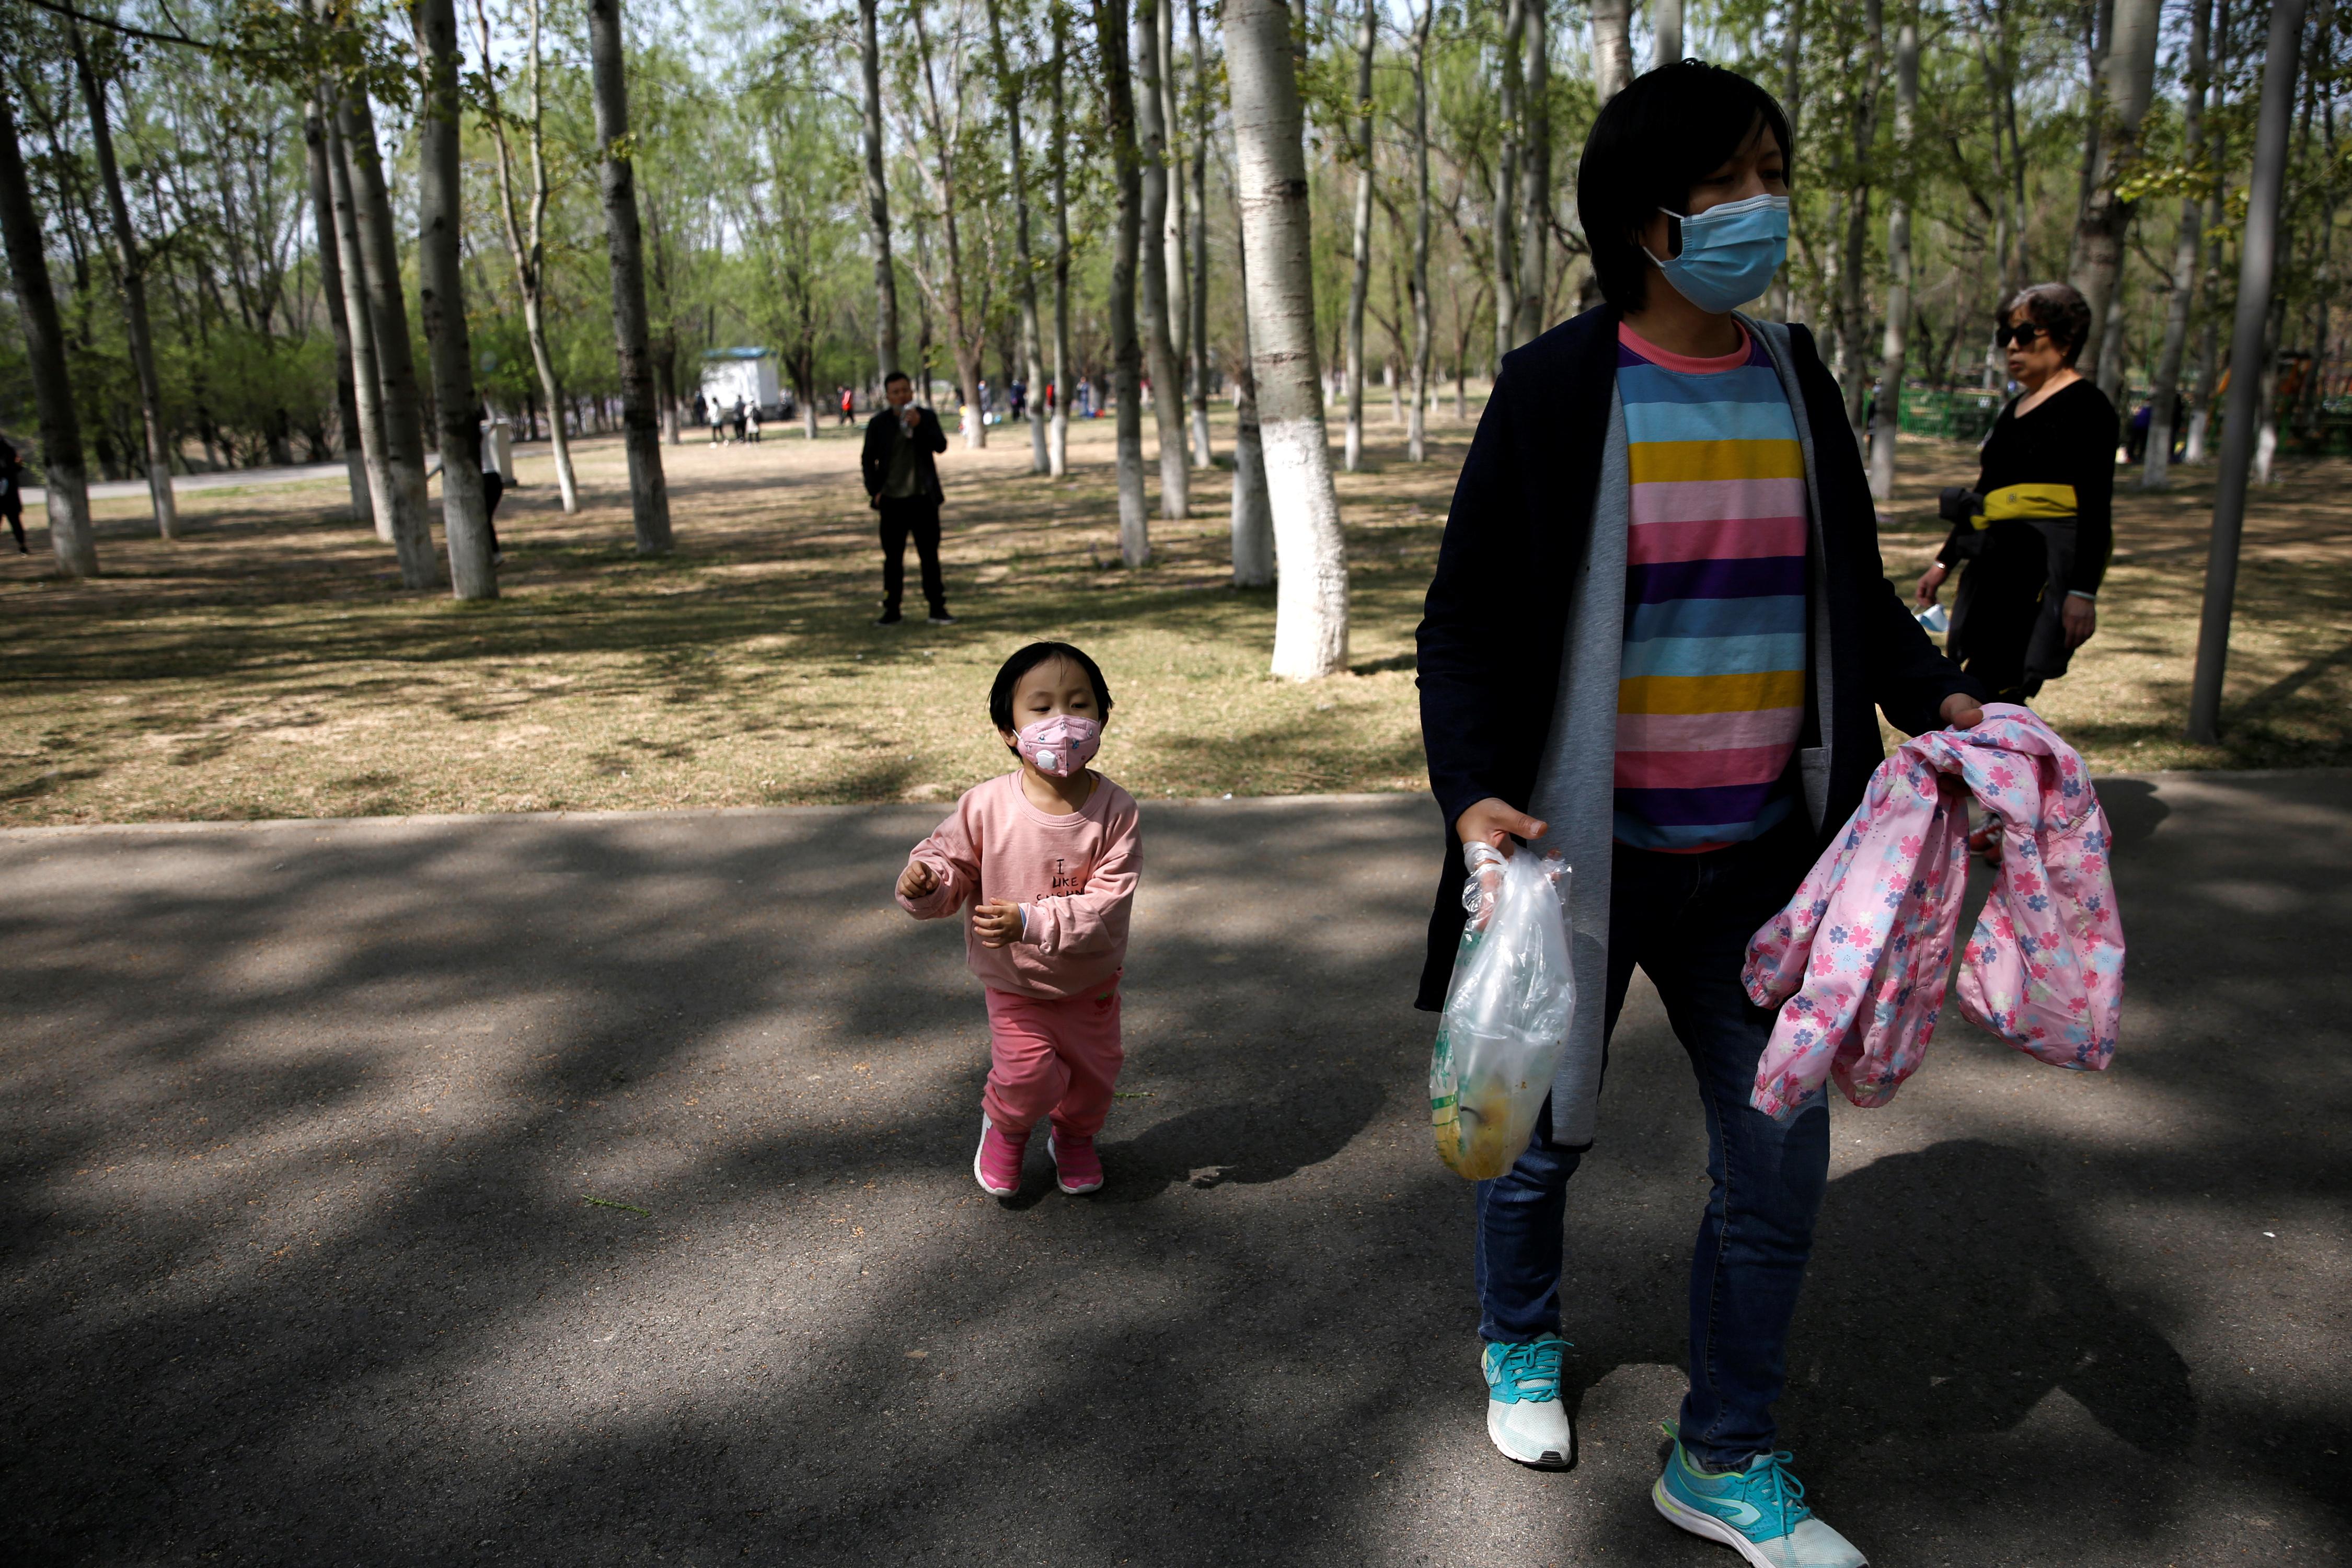 Chinese women awaken to passing surnames to children — Quartz